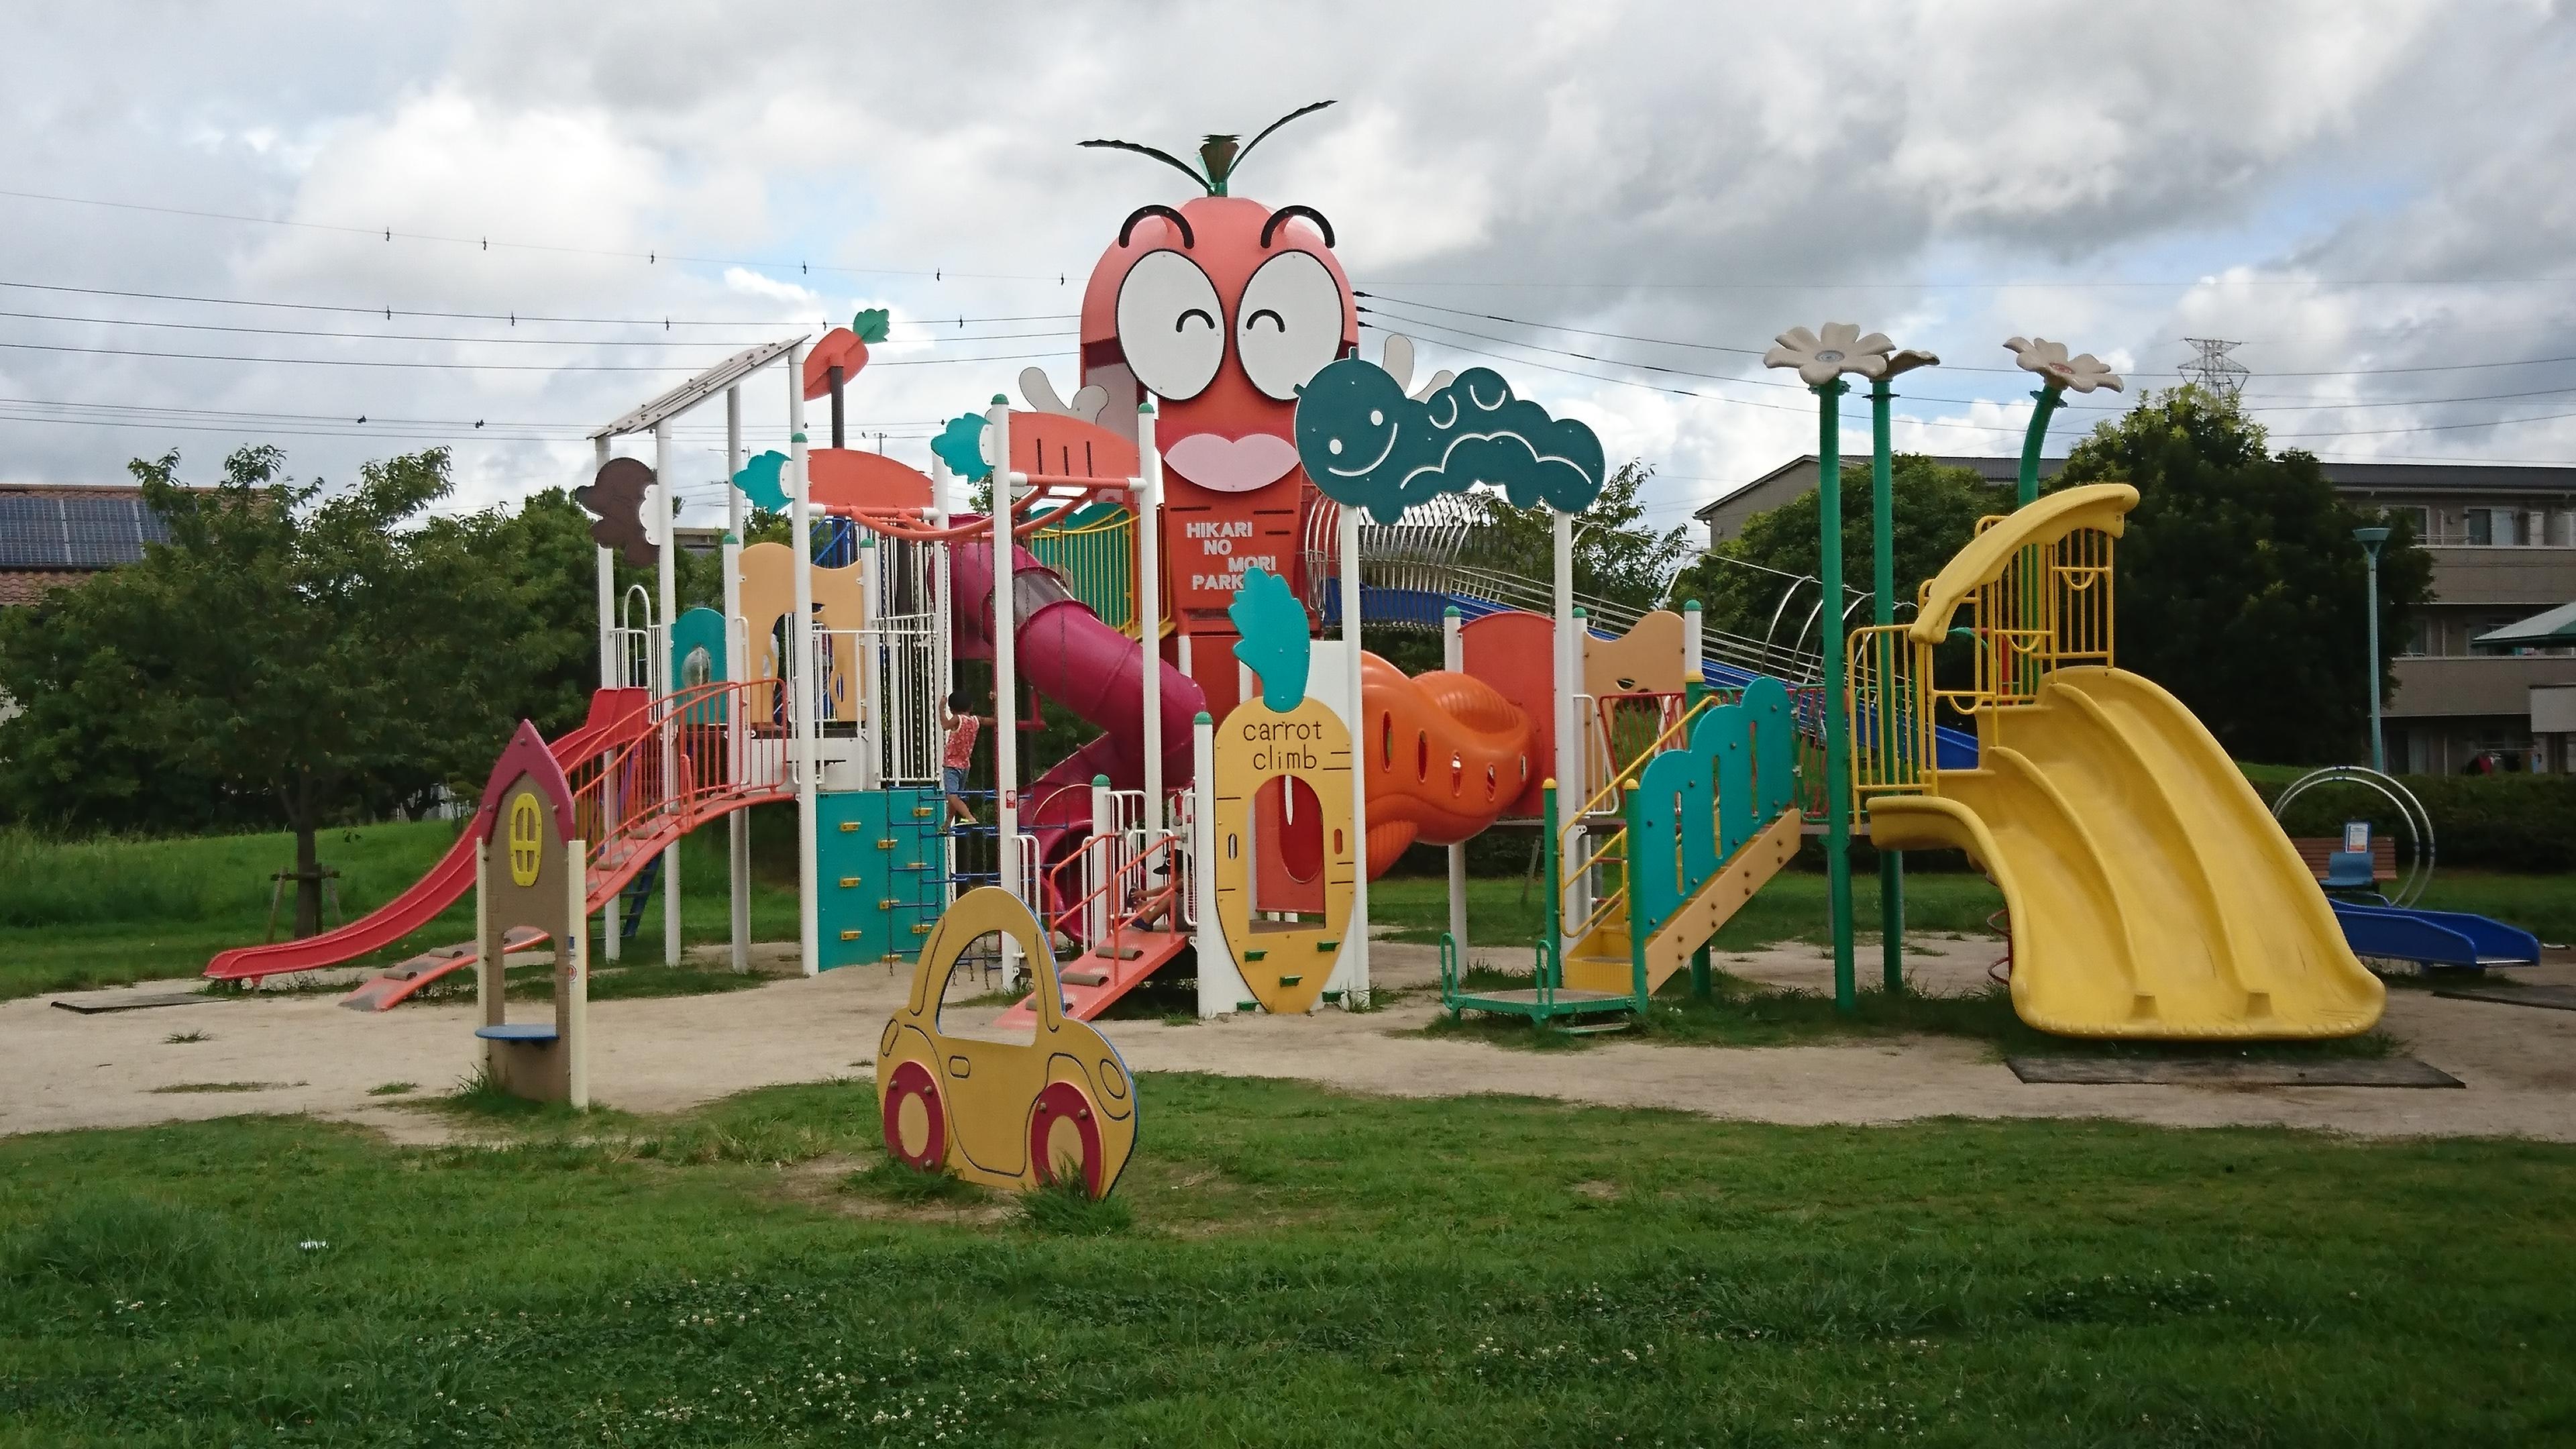 【ひかりのもり公園】菊陽町にあるキャロット公園!複合遊具で遊んできた